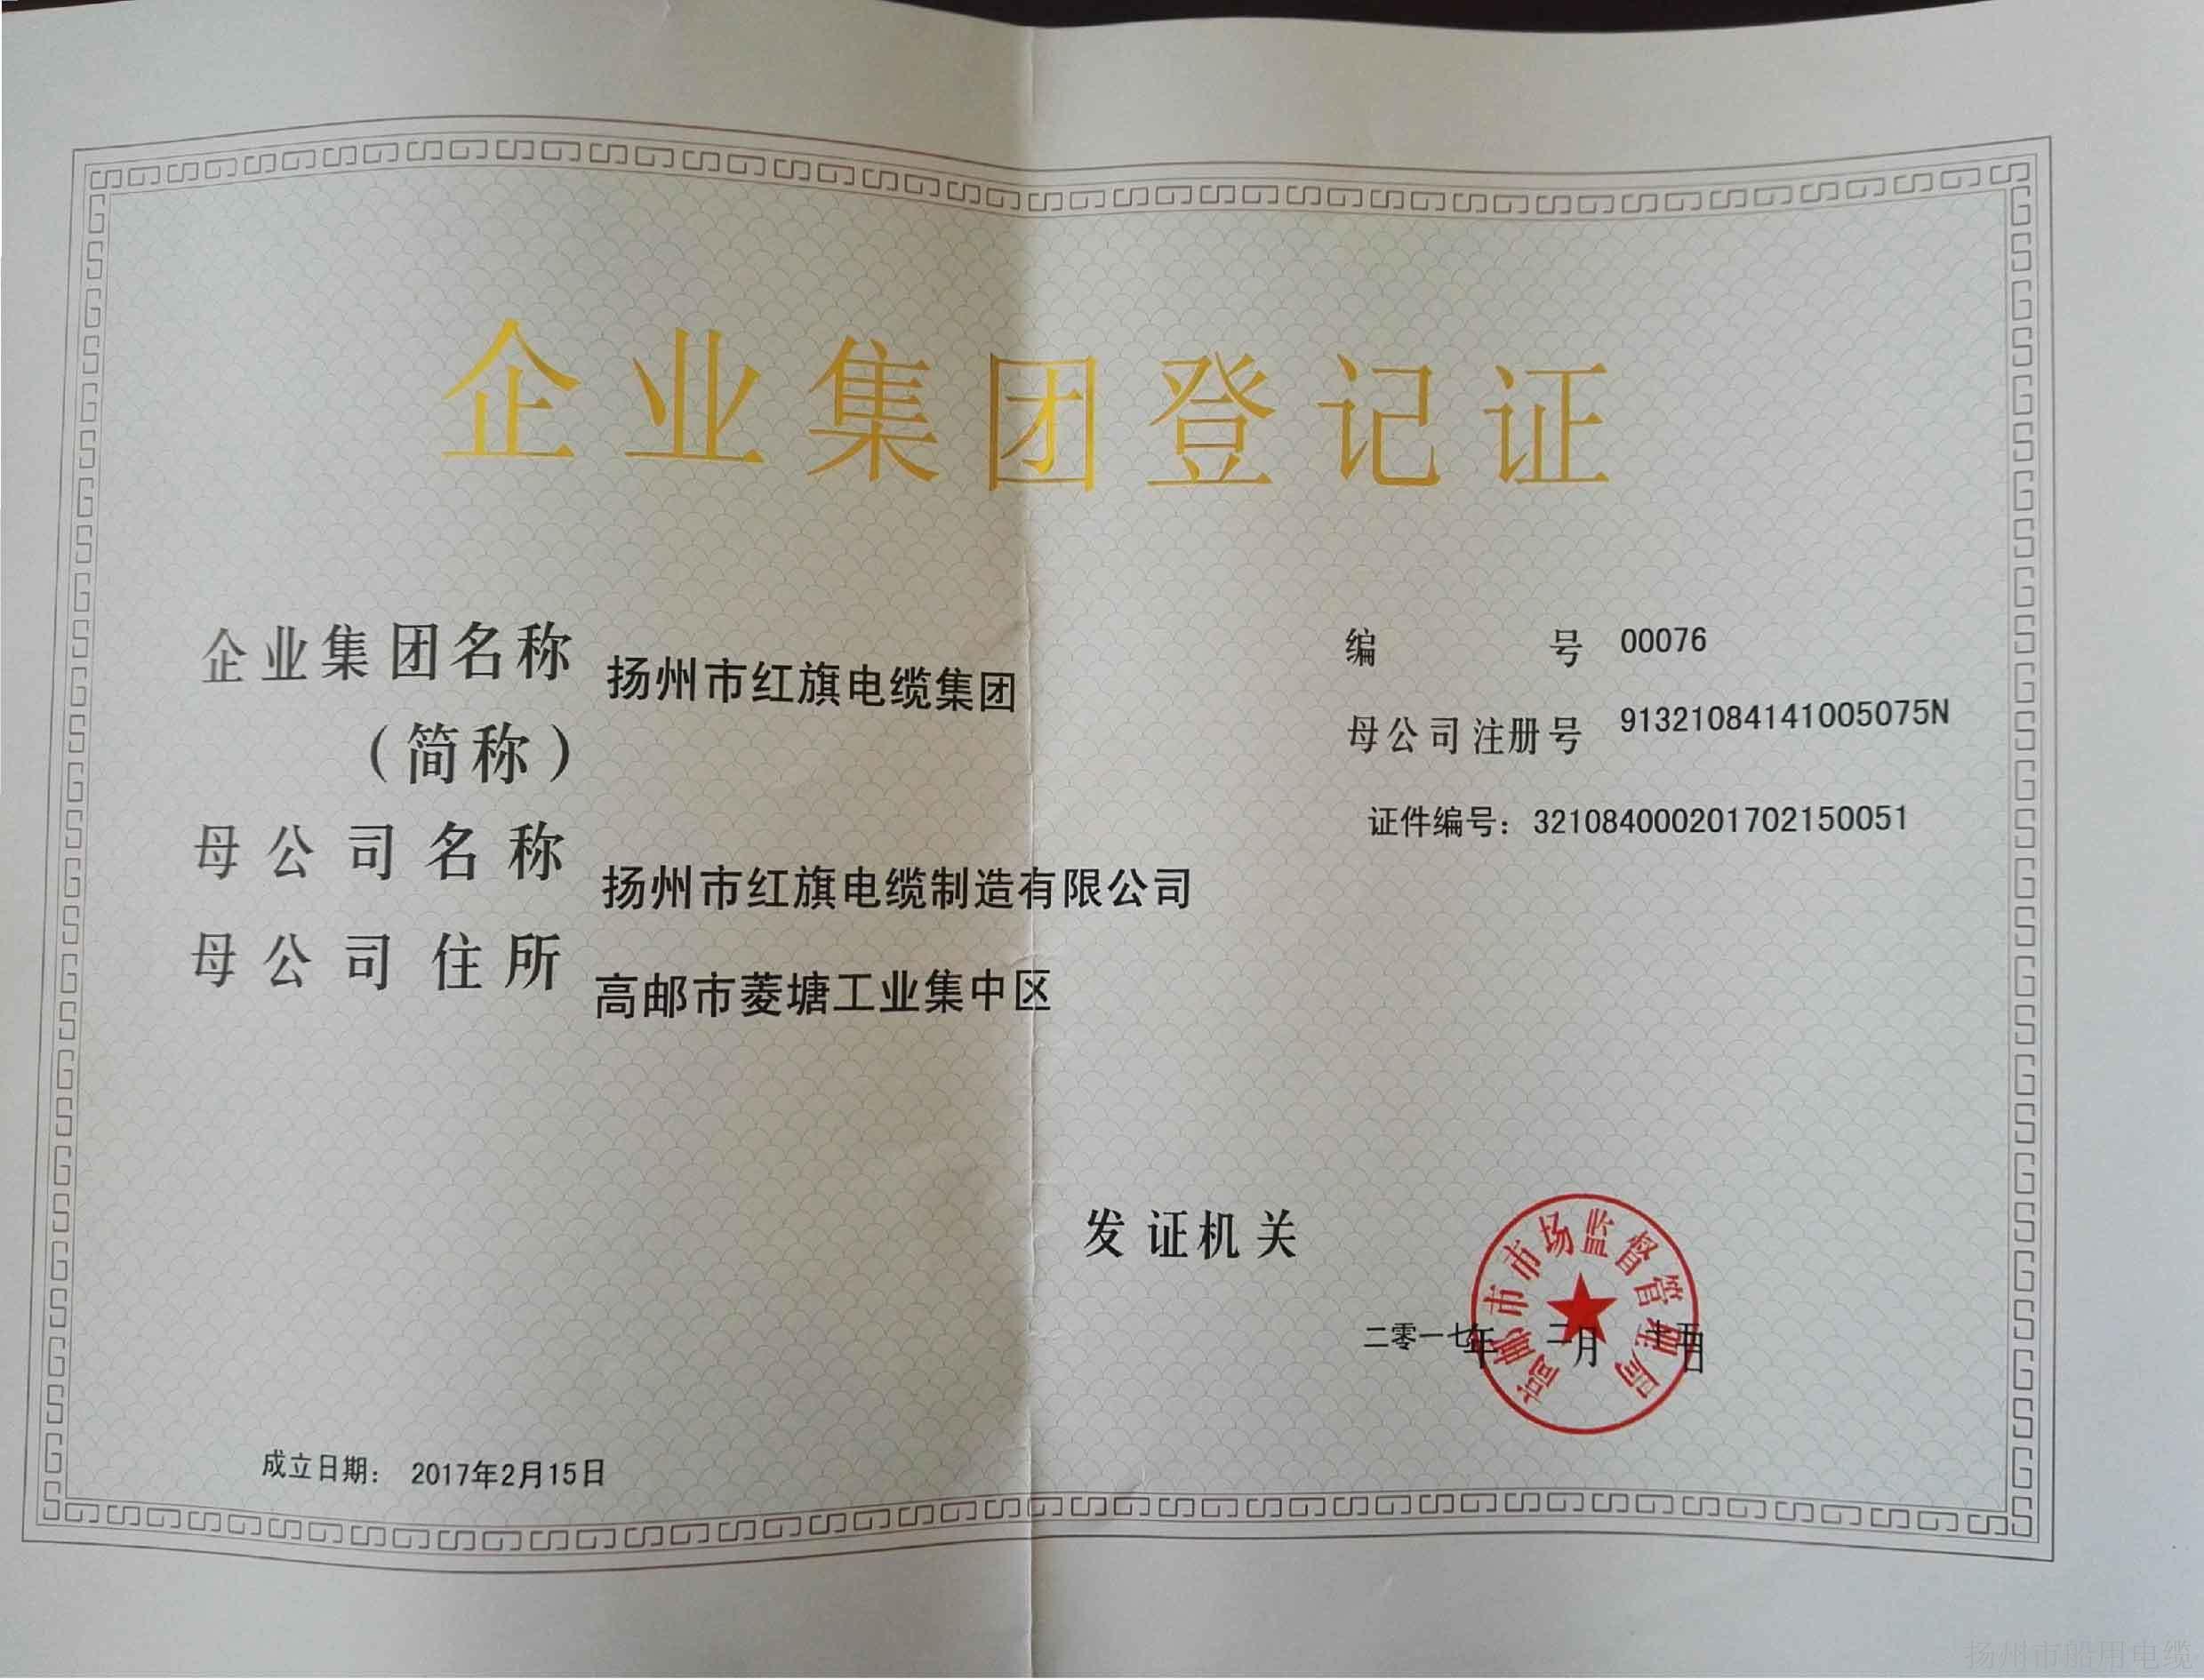 红旗电缆集团登记证